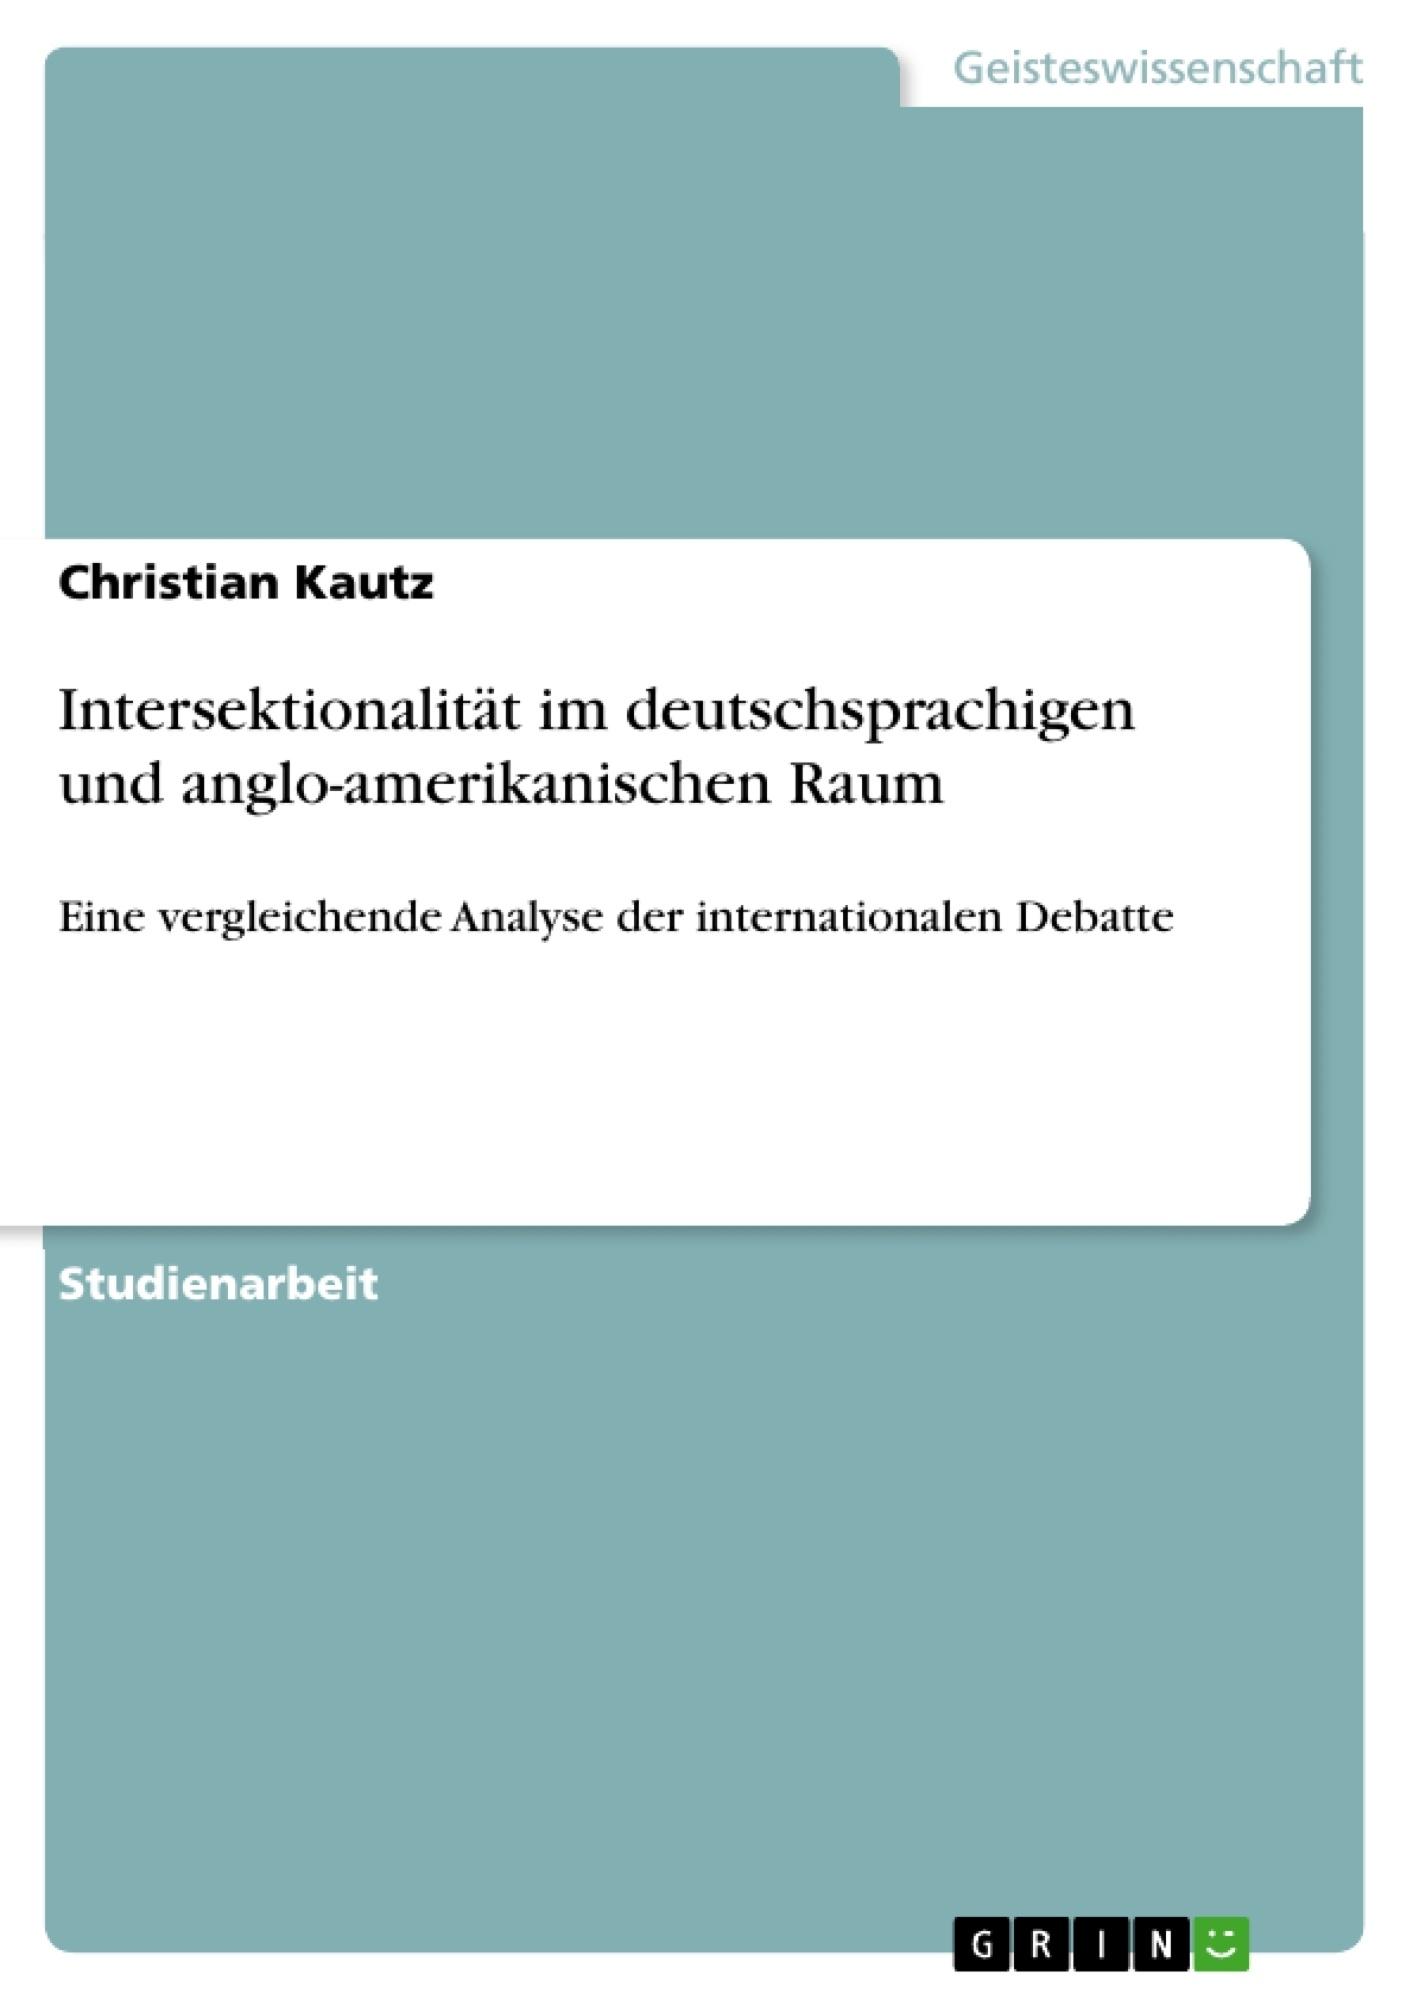 Titel: Intersektionalität im deutschsprachigen und anglo-amerikanischen Raum